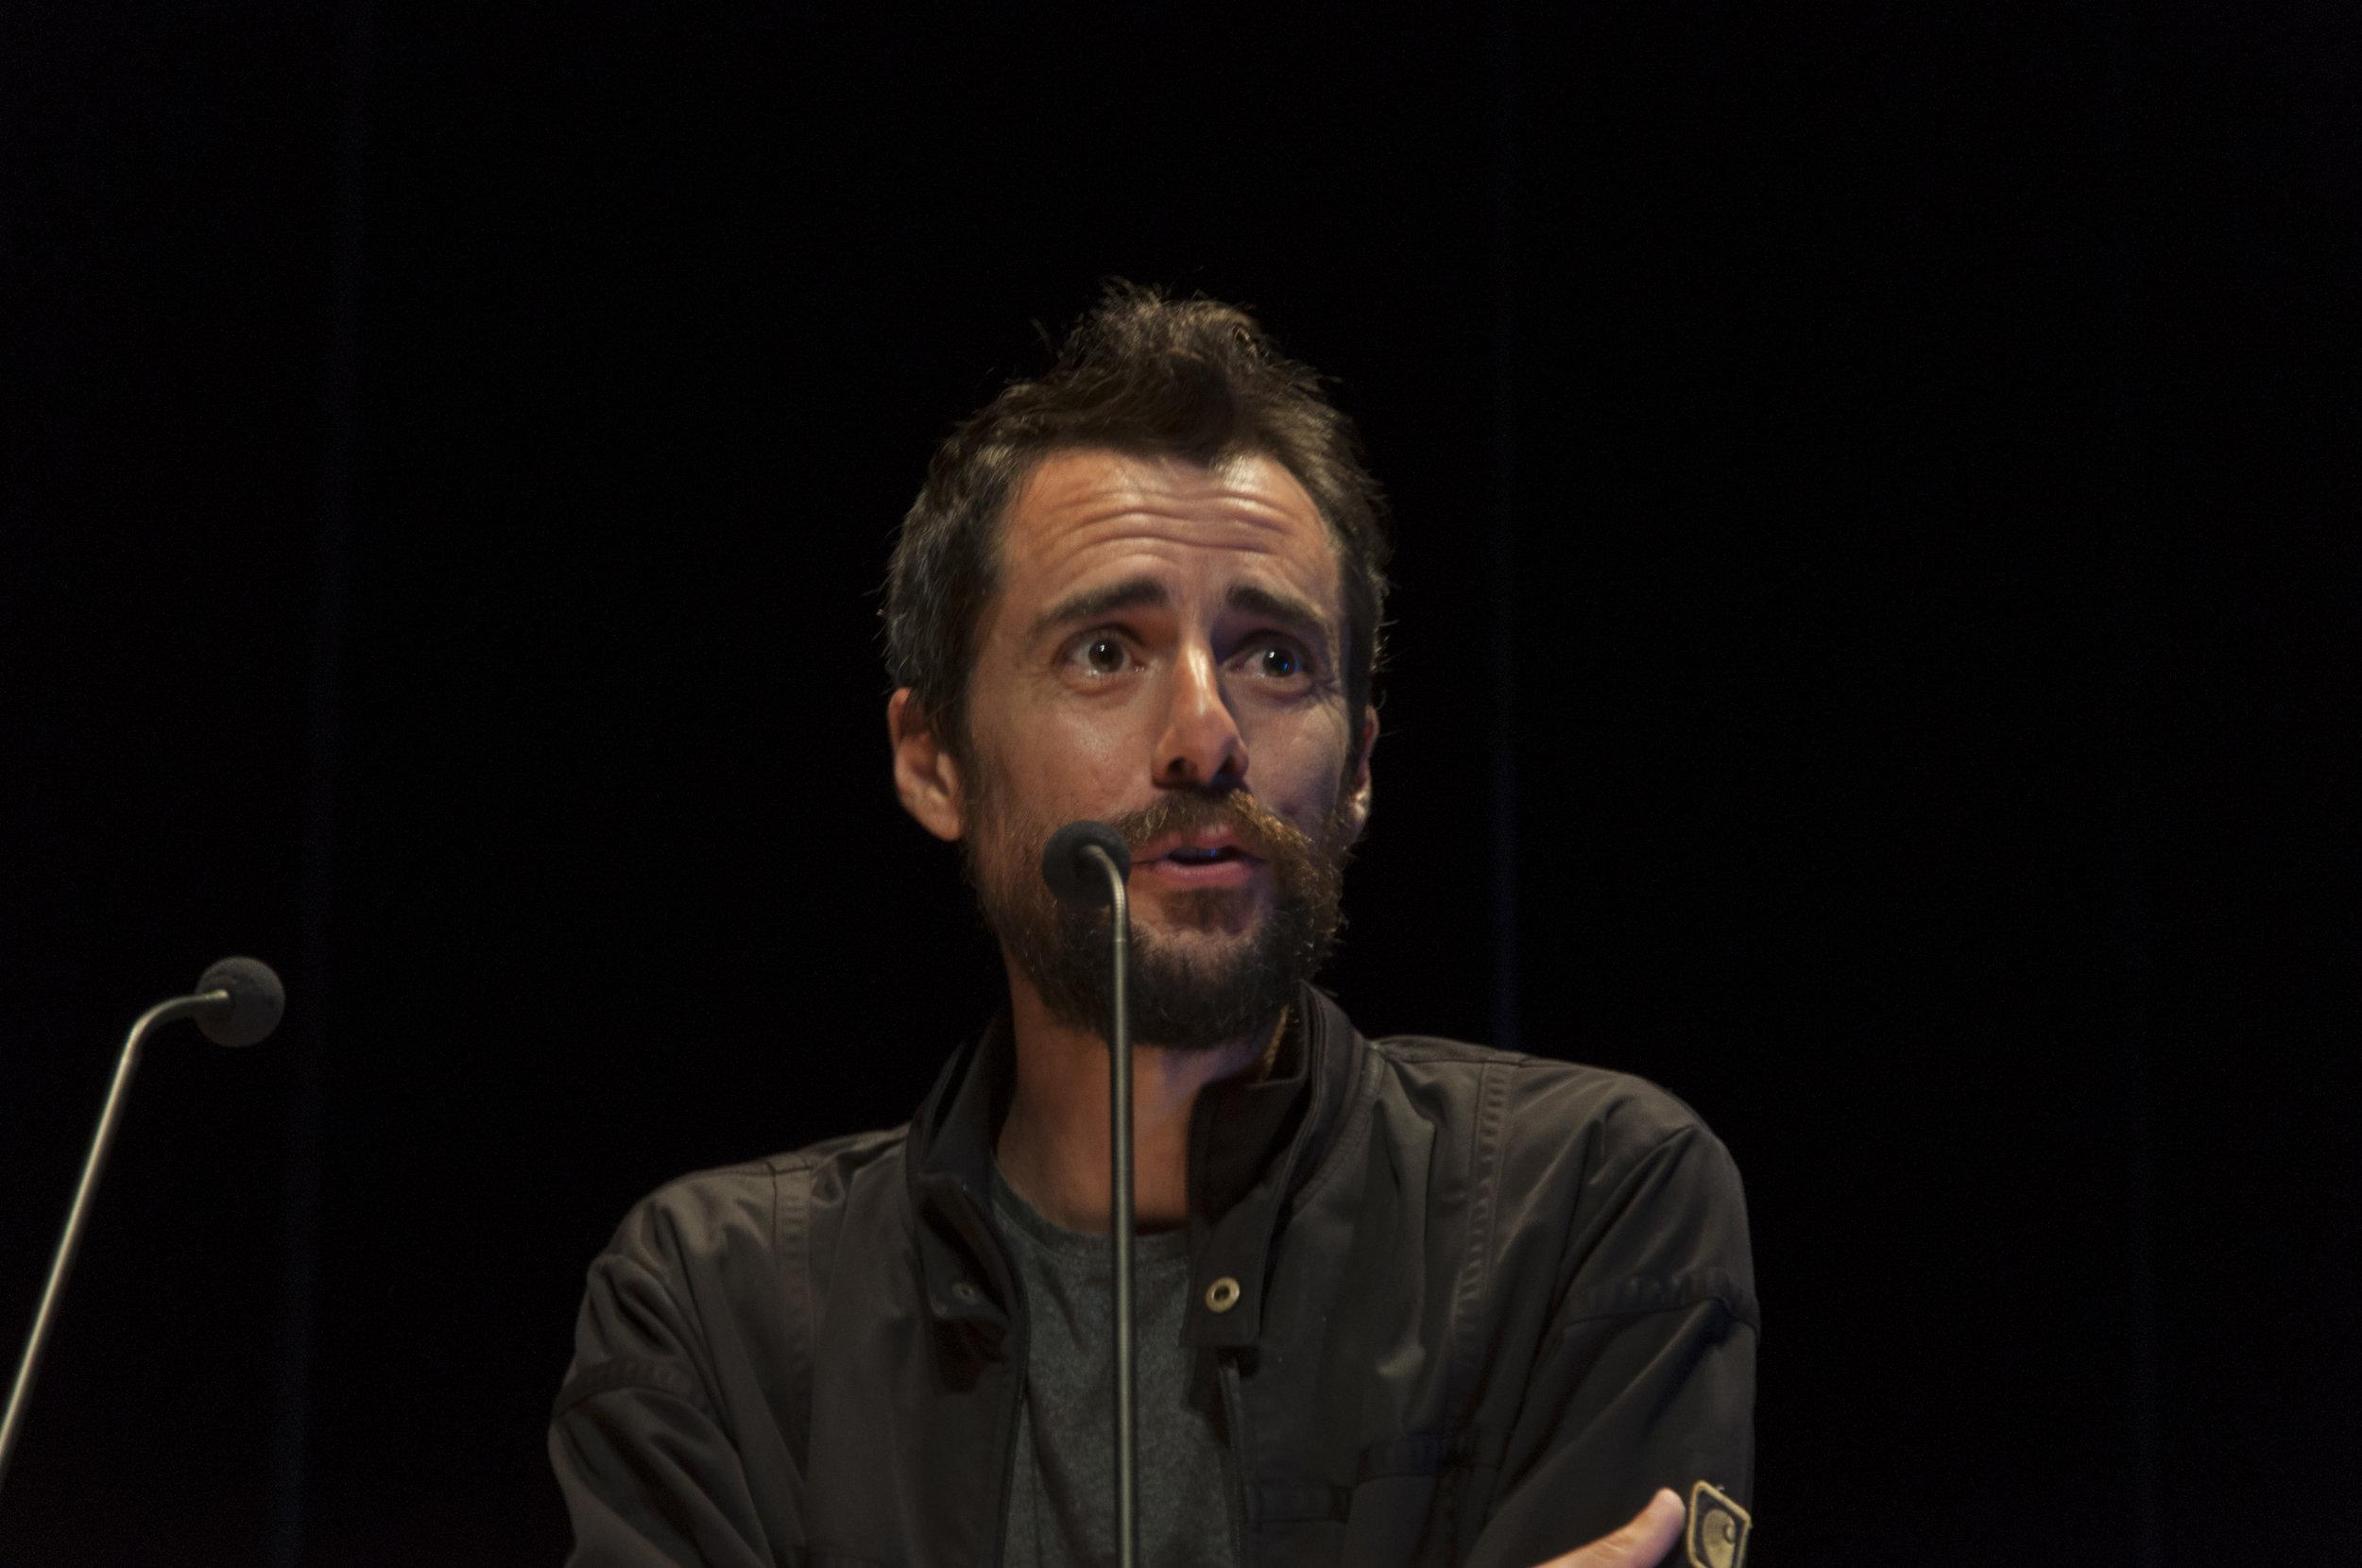 El cineasta Oscar Santamaría, ganador de Visionaria 2019.